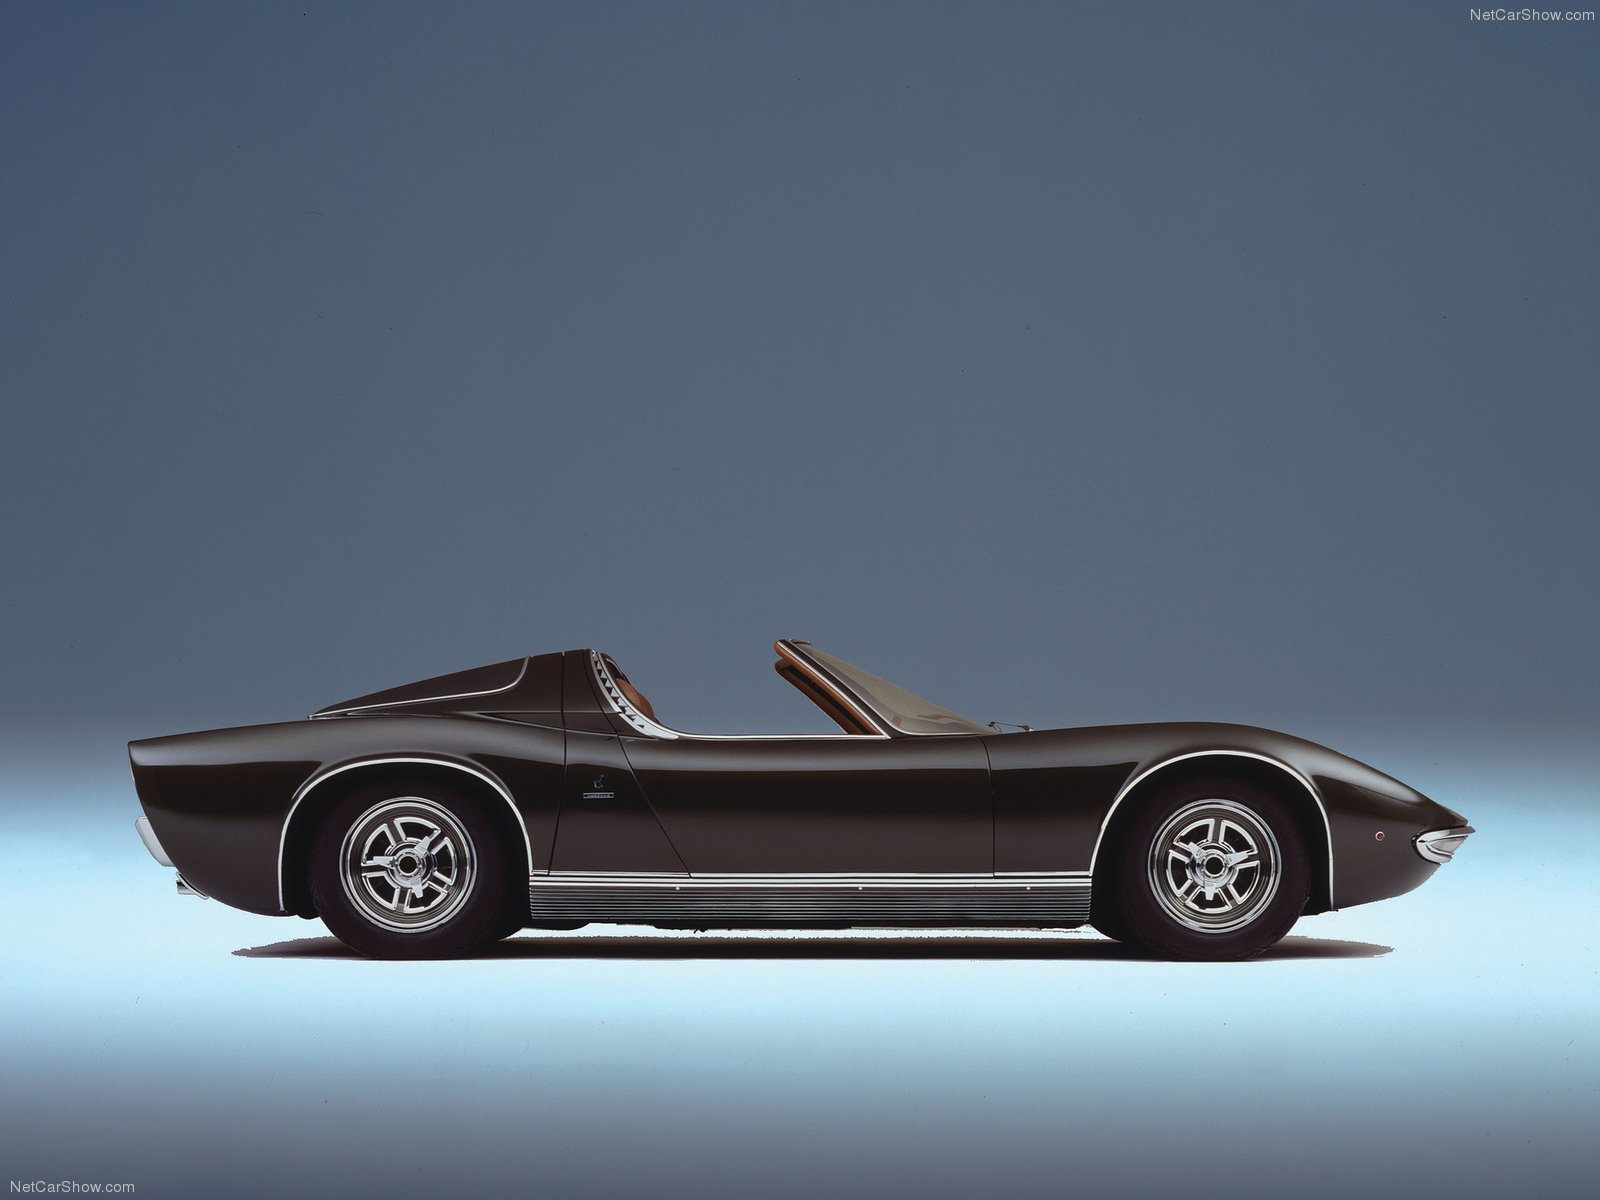 Hình ảnh siêu xe Lamborghini Miura Roadster 1968 & nội ngoại thất